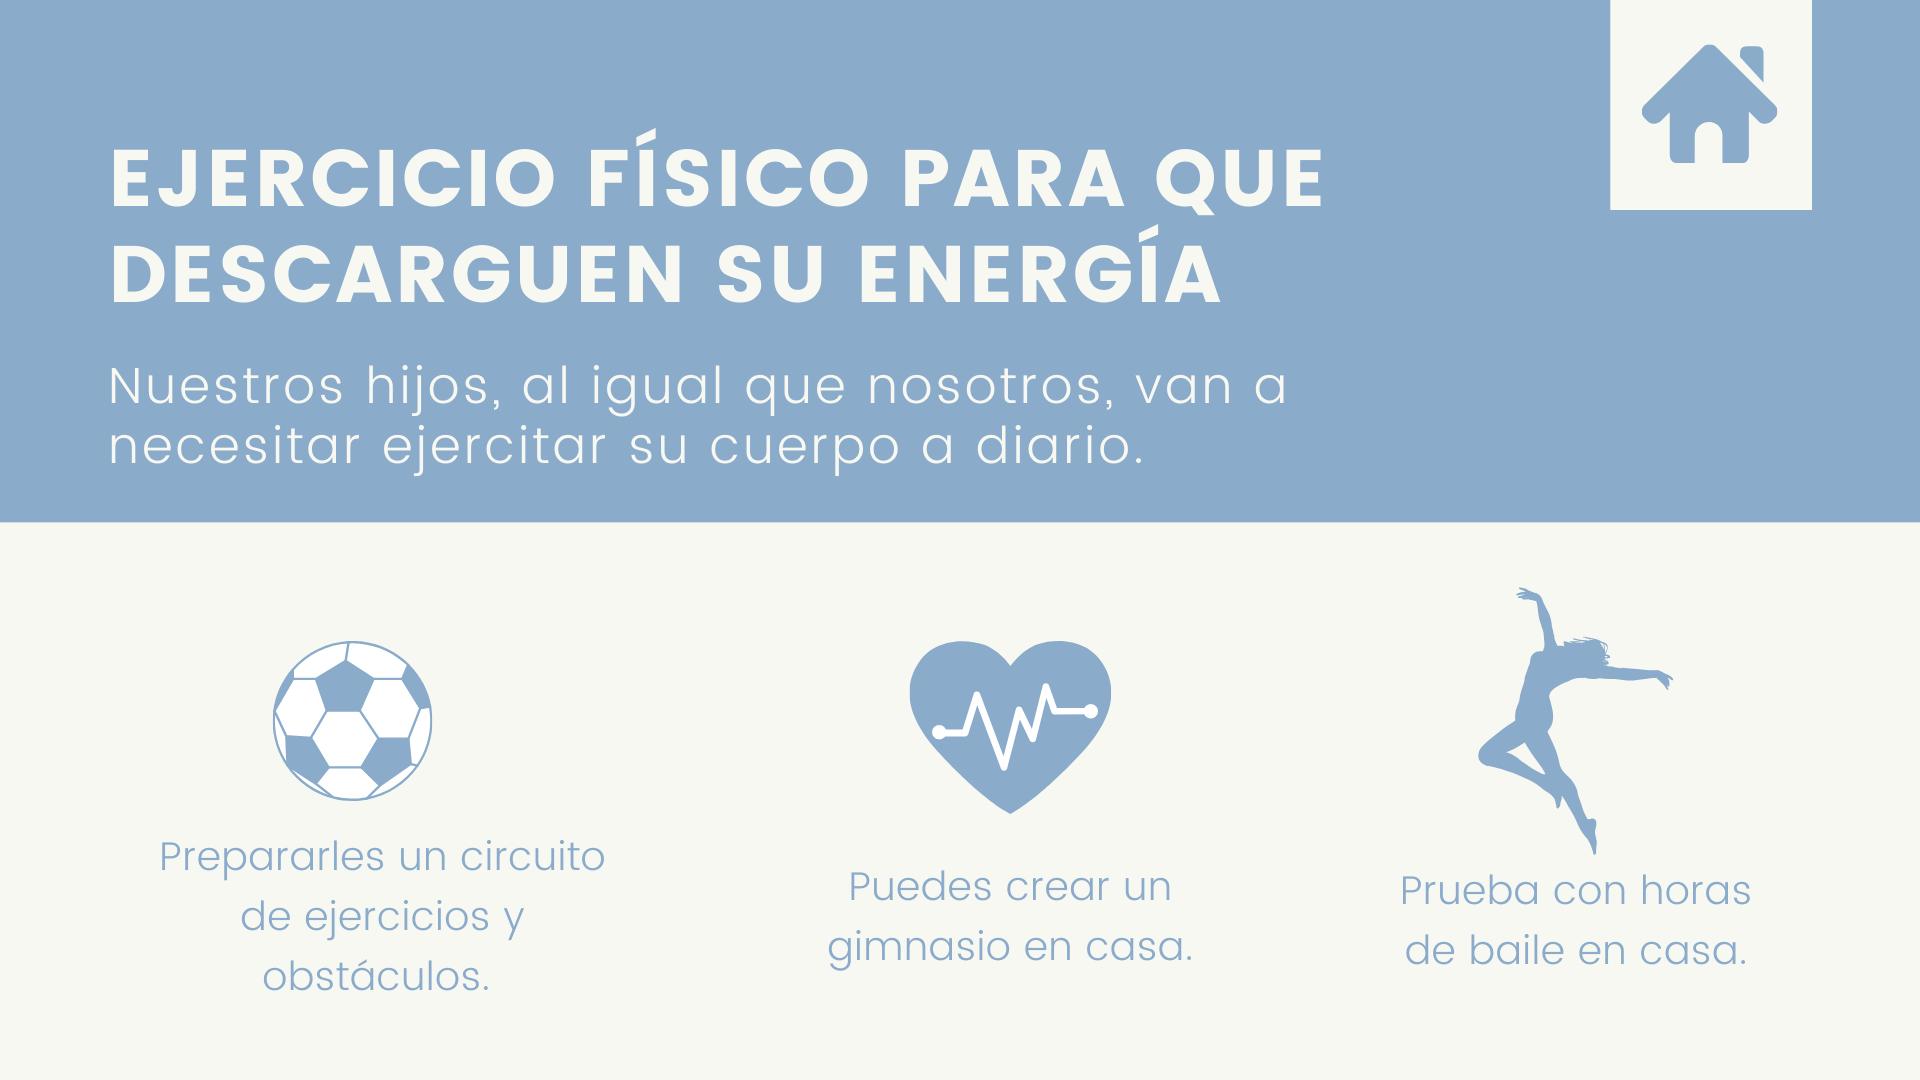 Imagen alusiva a  1. Descargar la energía acumulada.